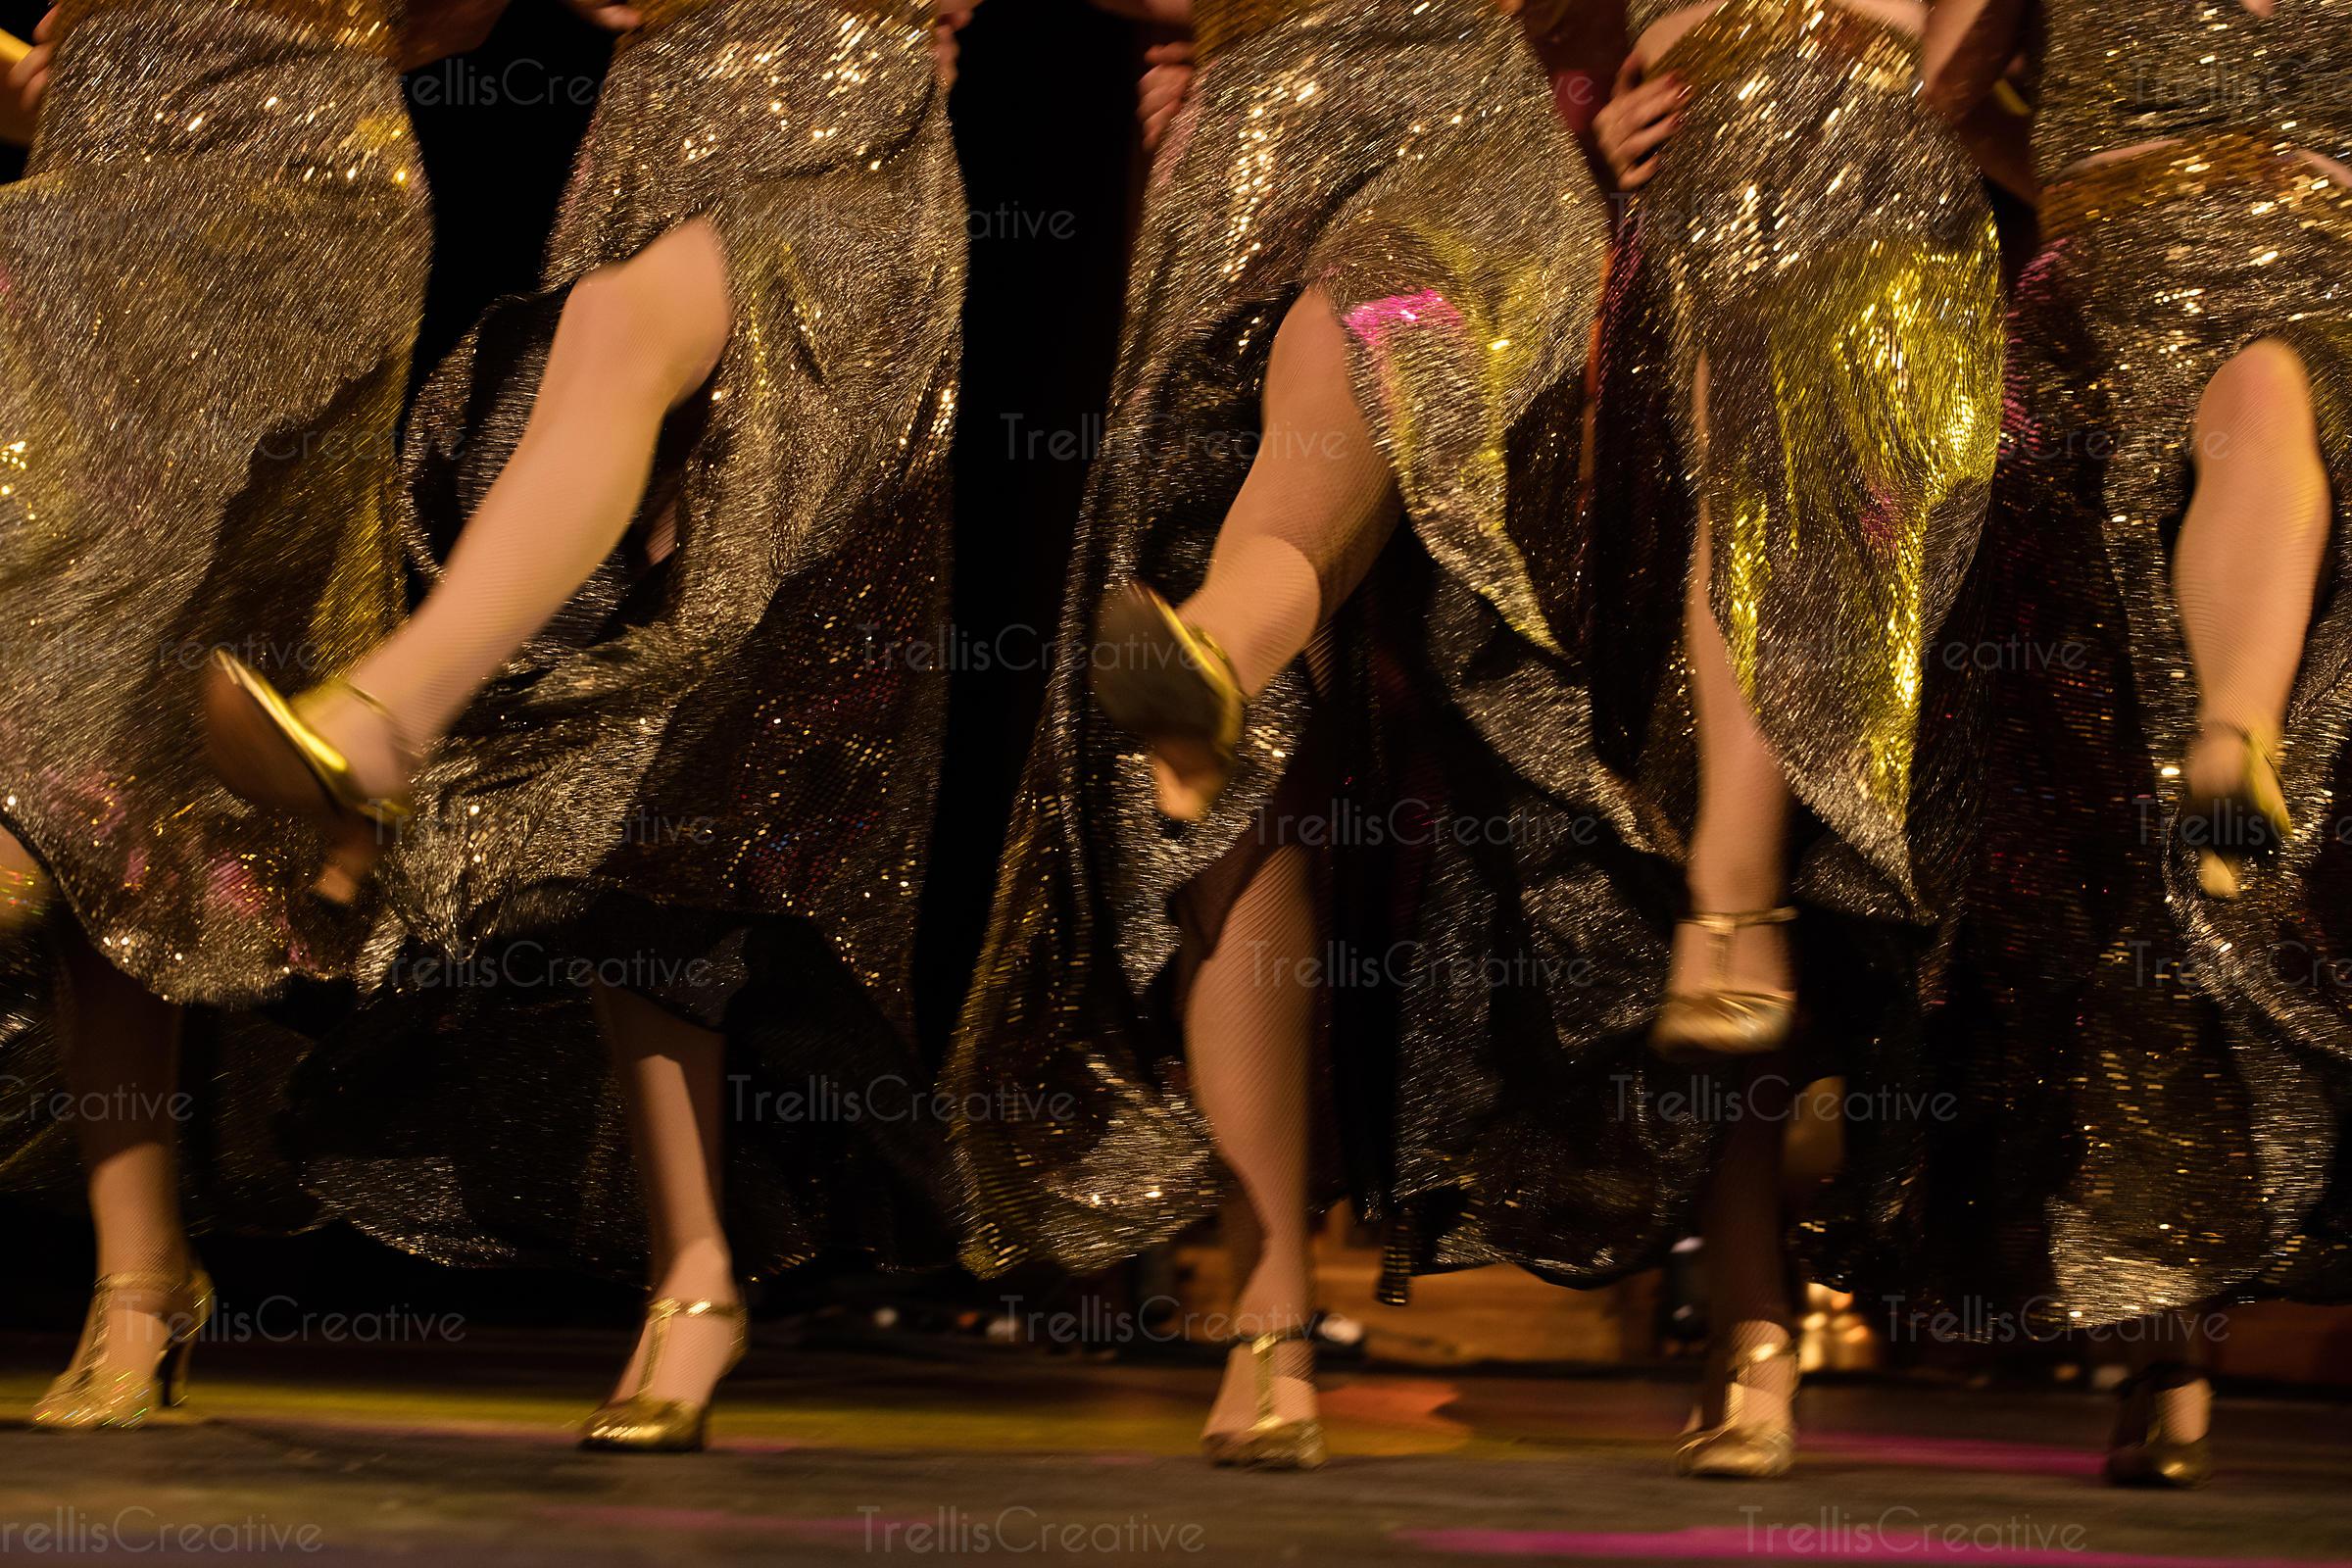 Women showing legs